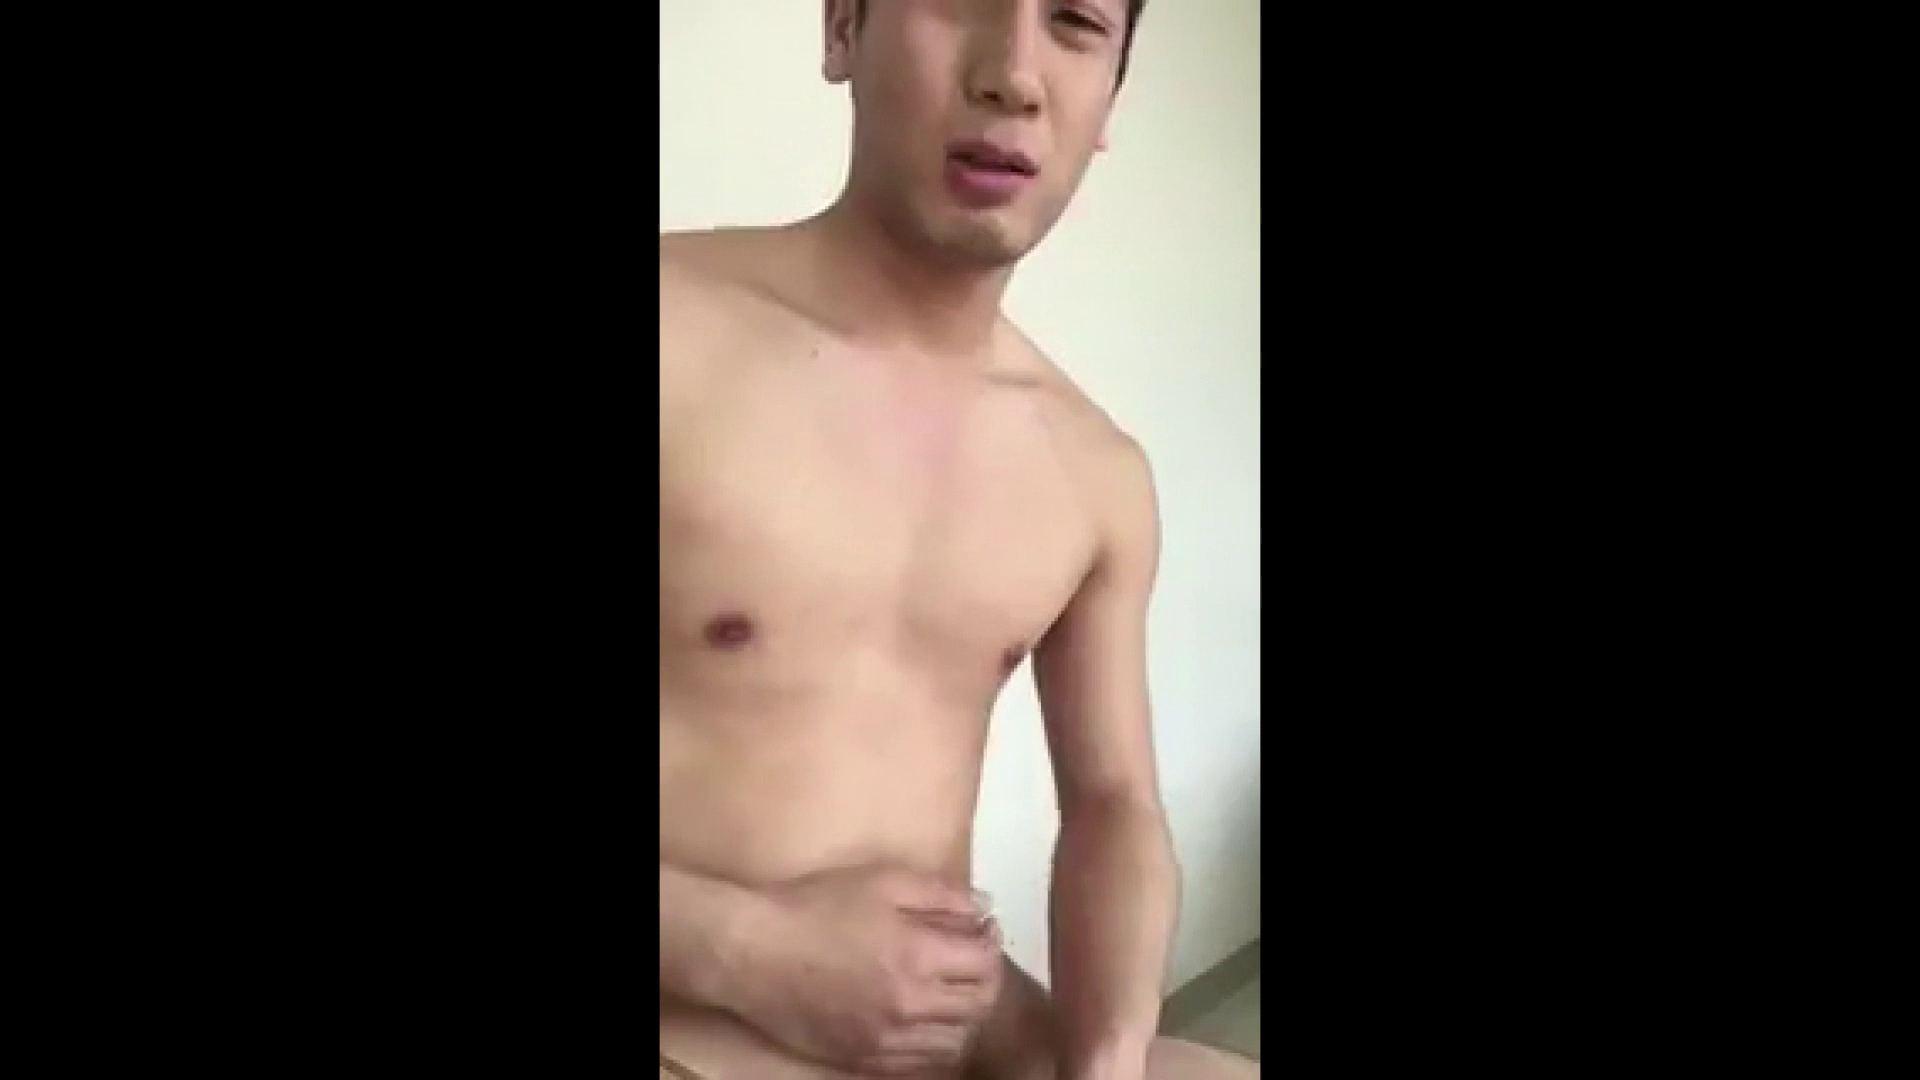 個人撮影 自慰の極意 Vol.5 個人撮影 ゲイエロ動画 115枚 53